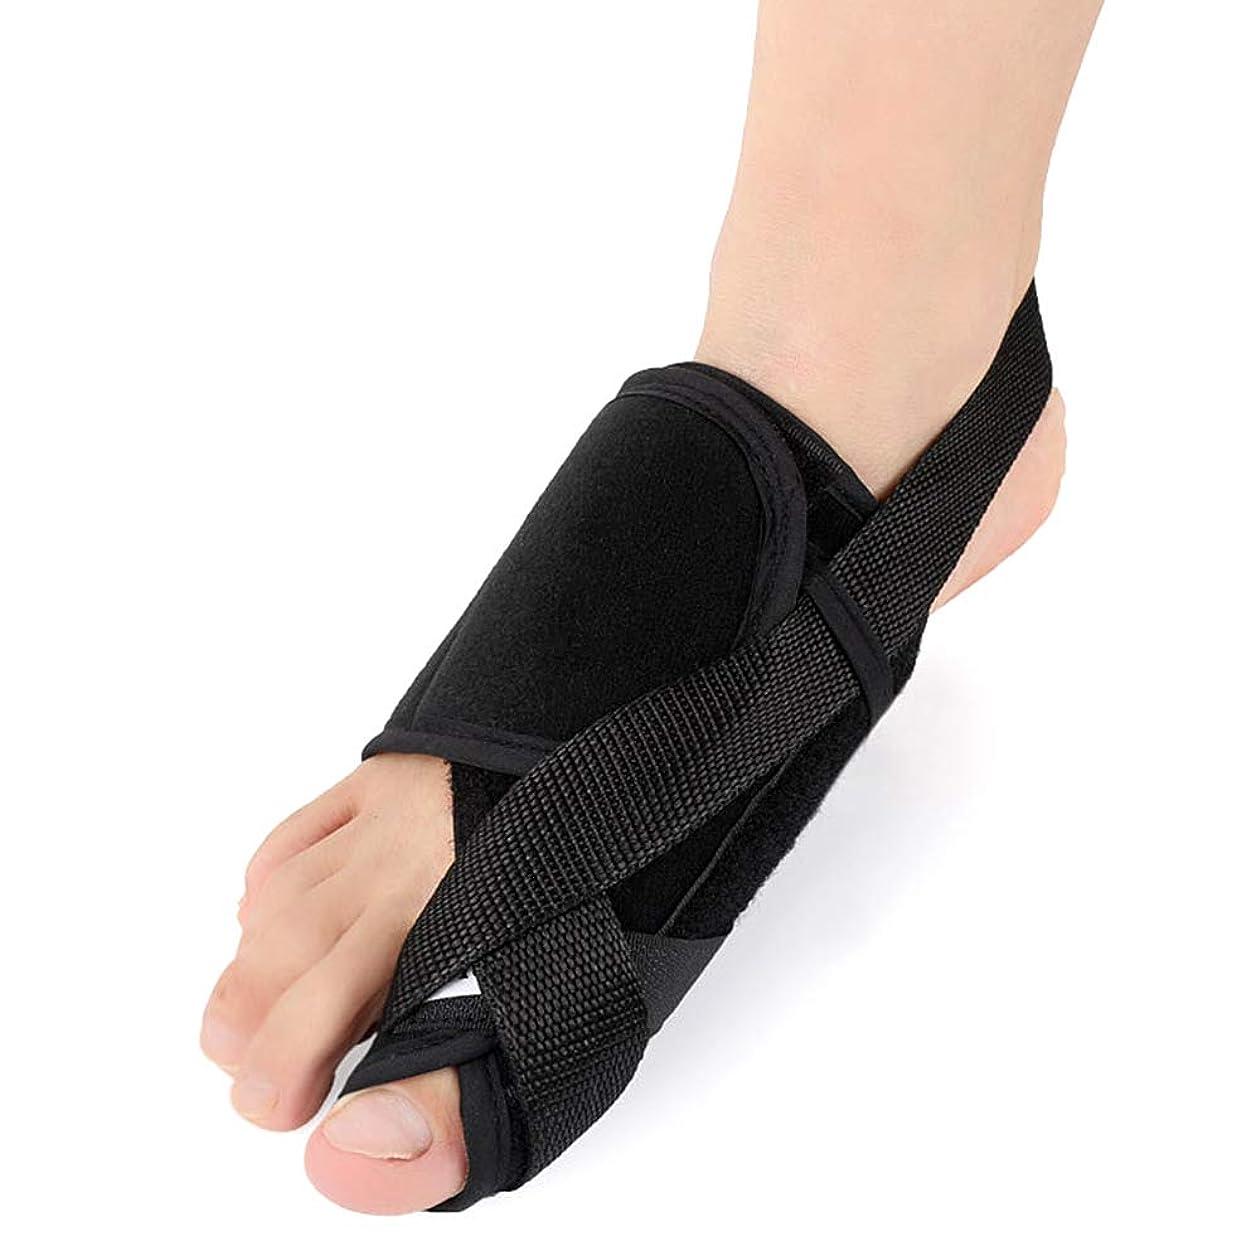 レンダー古代相互外反母趾足指セパレーターは足指重複嚢胞通気性吸収汗を防ぎヨガ後の痛みと変形を軽減,S